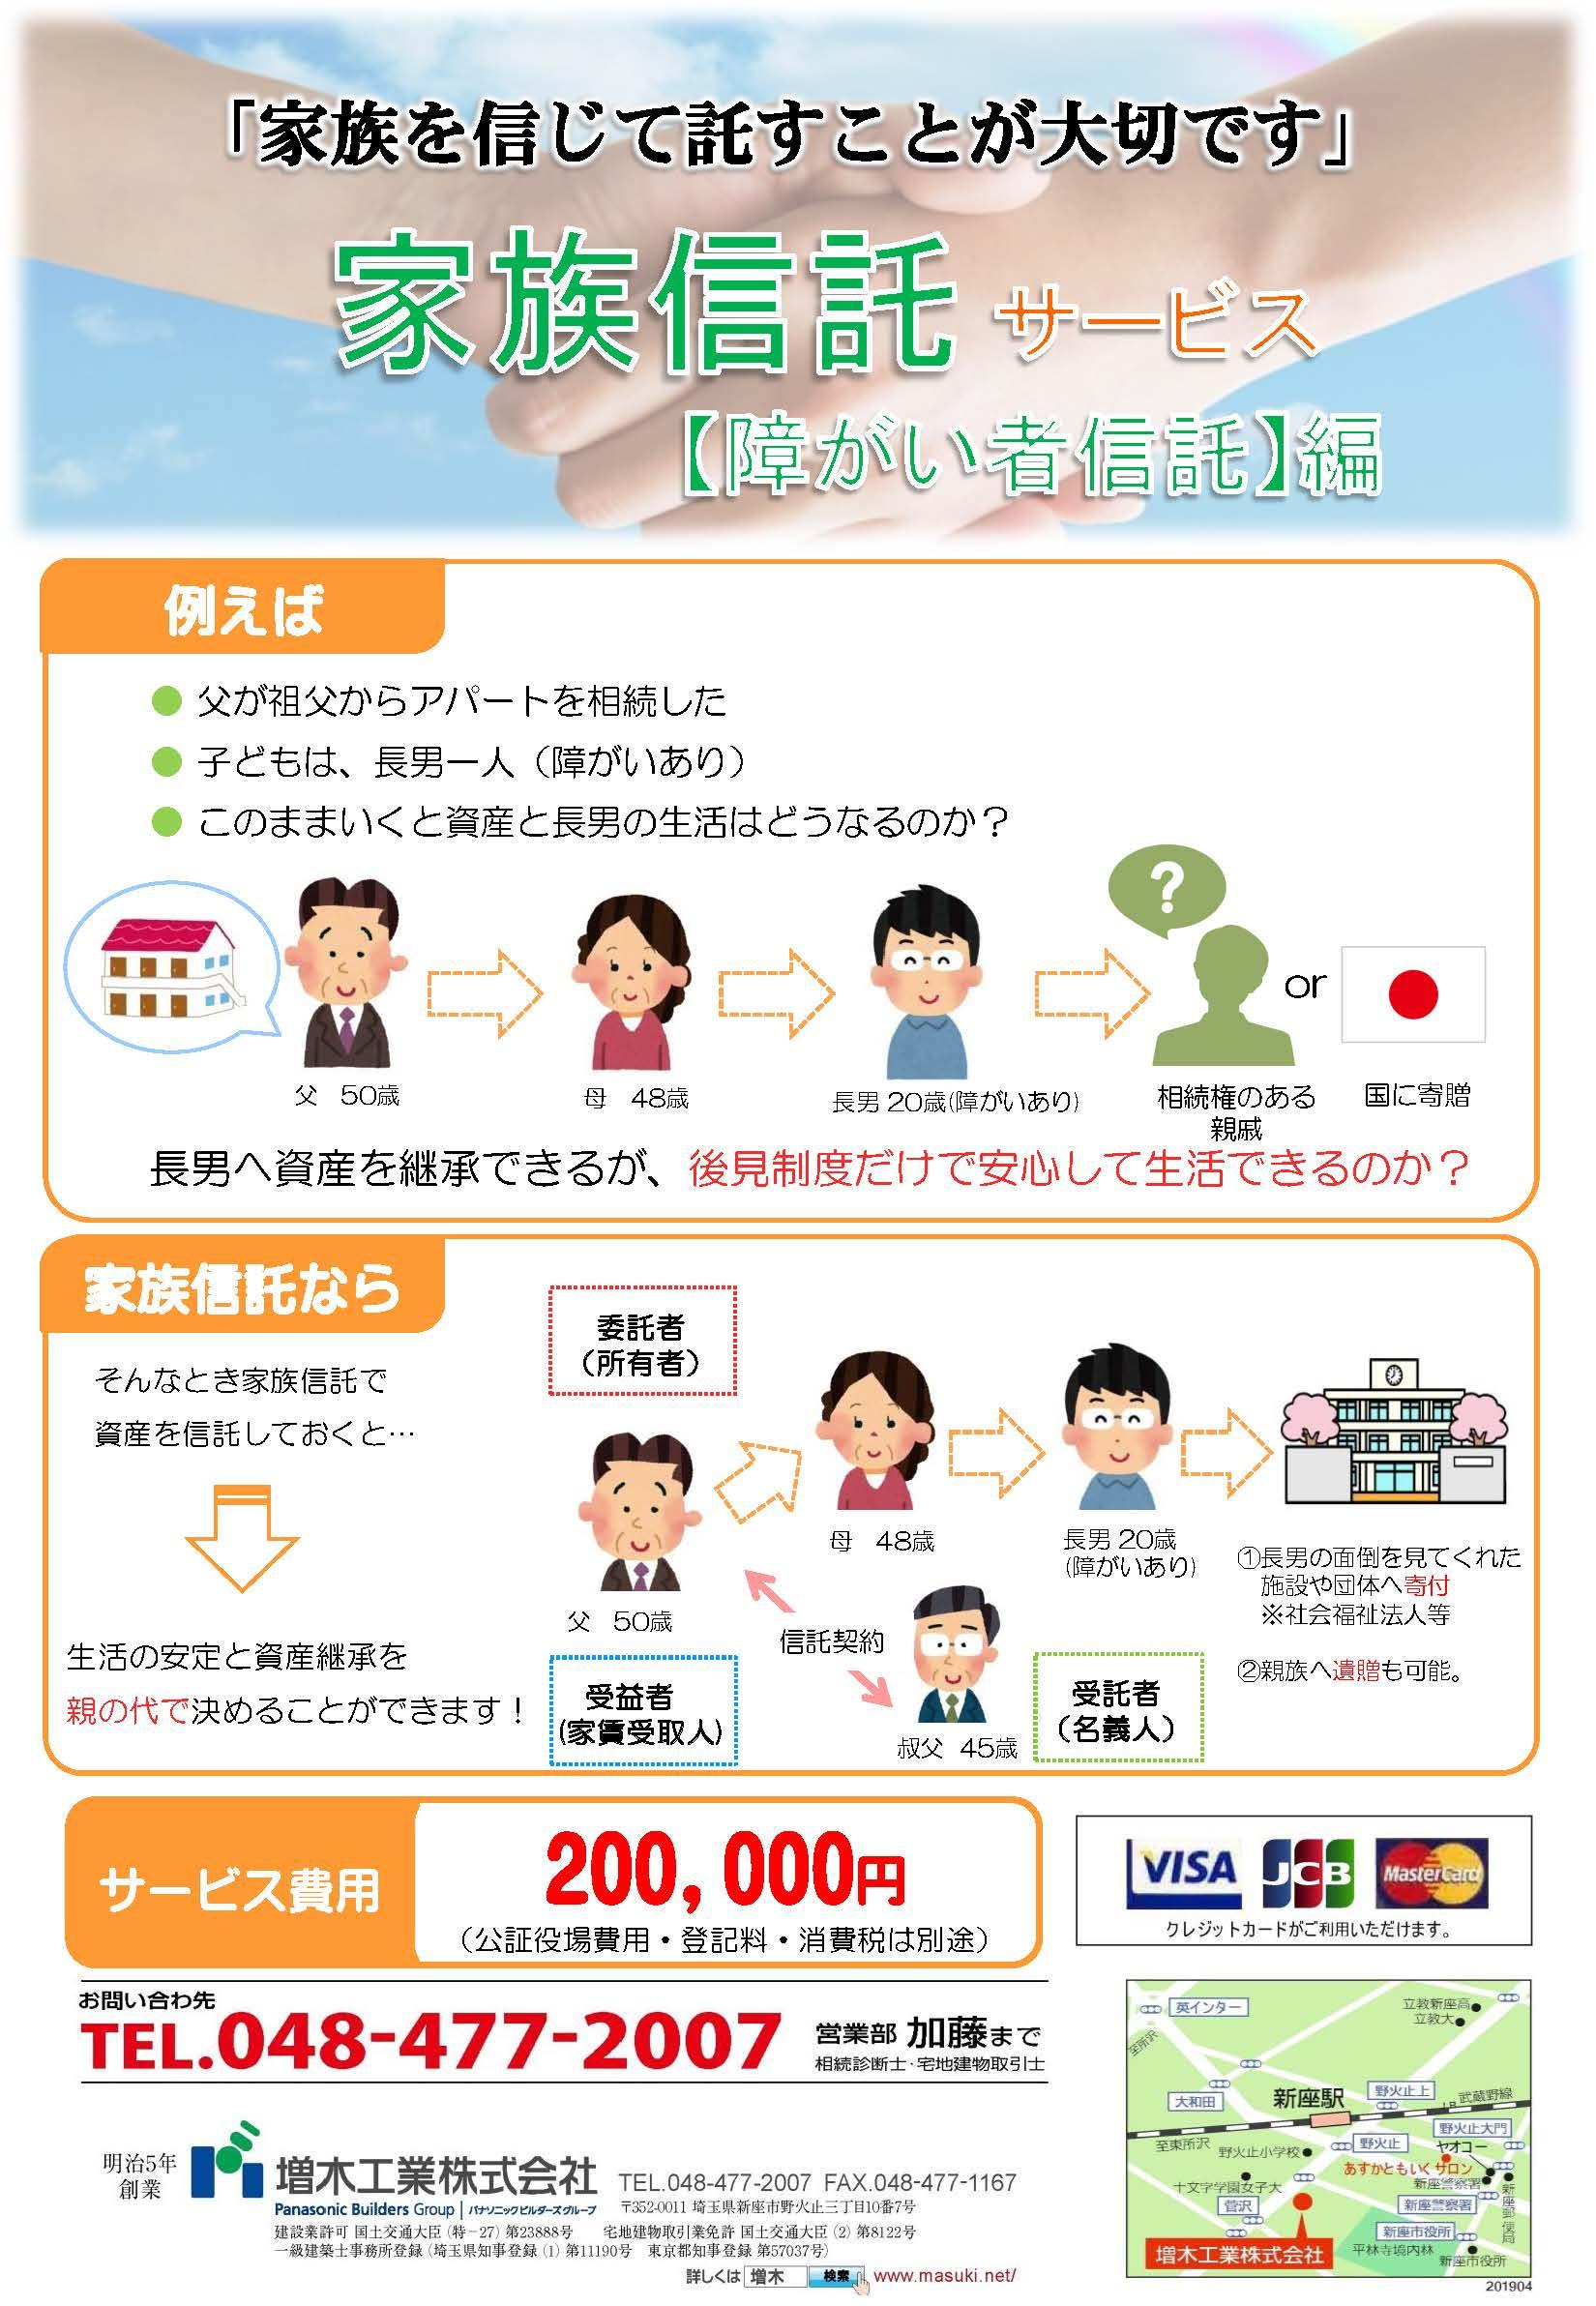 家族信託サービス ~障がい者信託~/13-3のイメージ